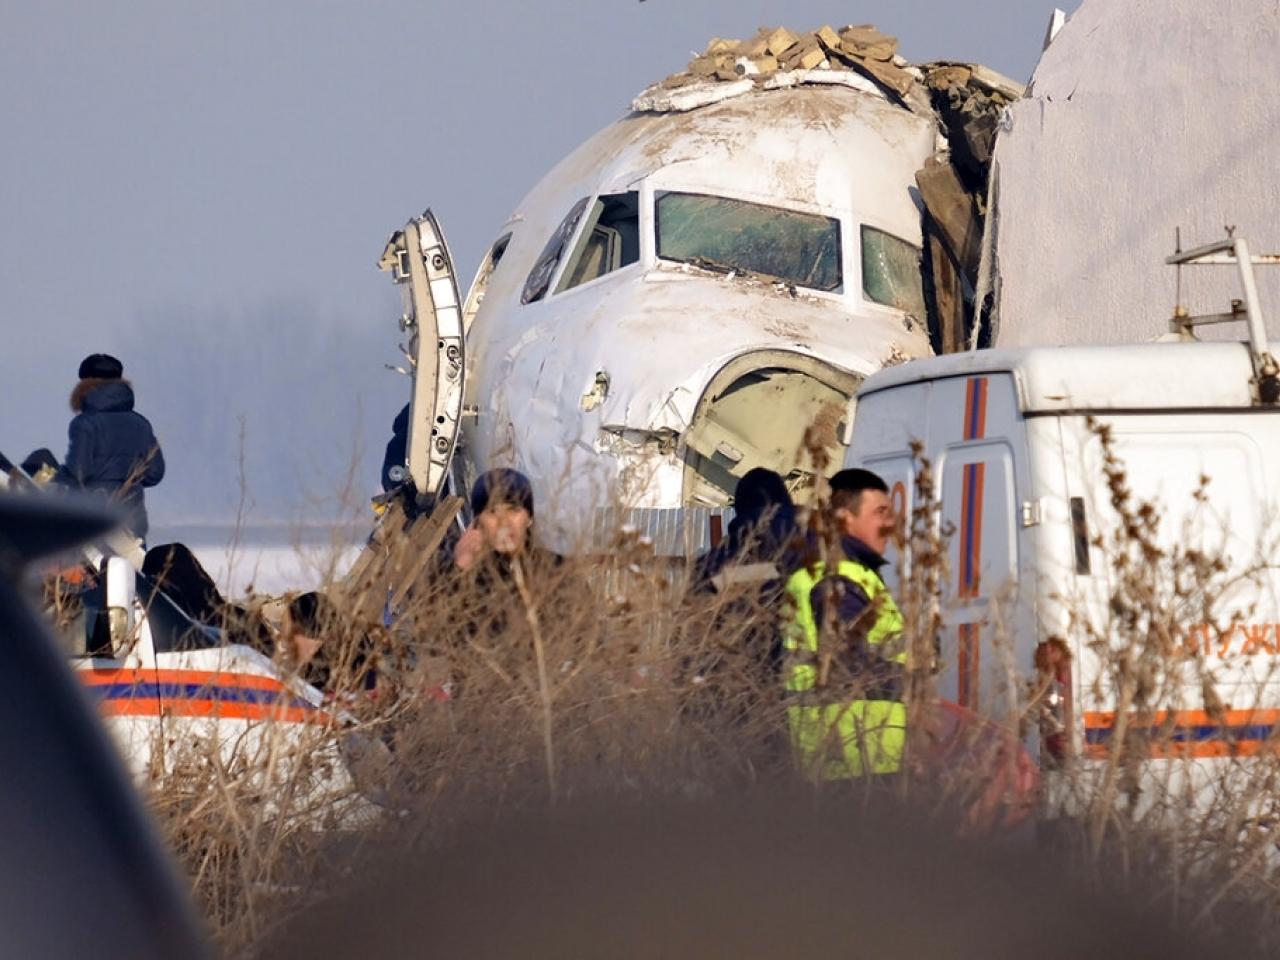 людей, фоторепортаж разбившийся самолет фотосессия